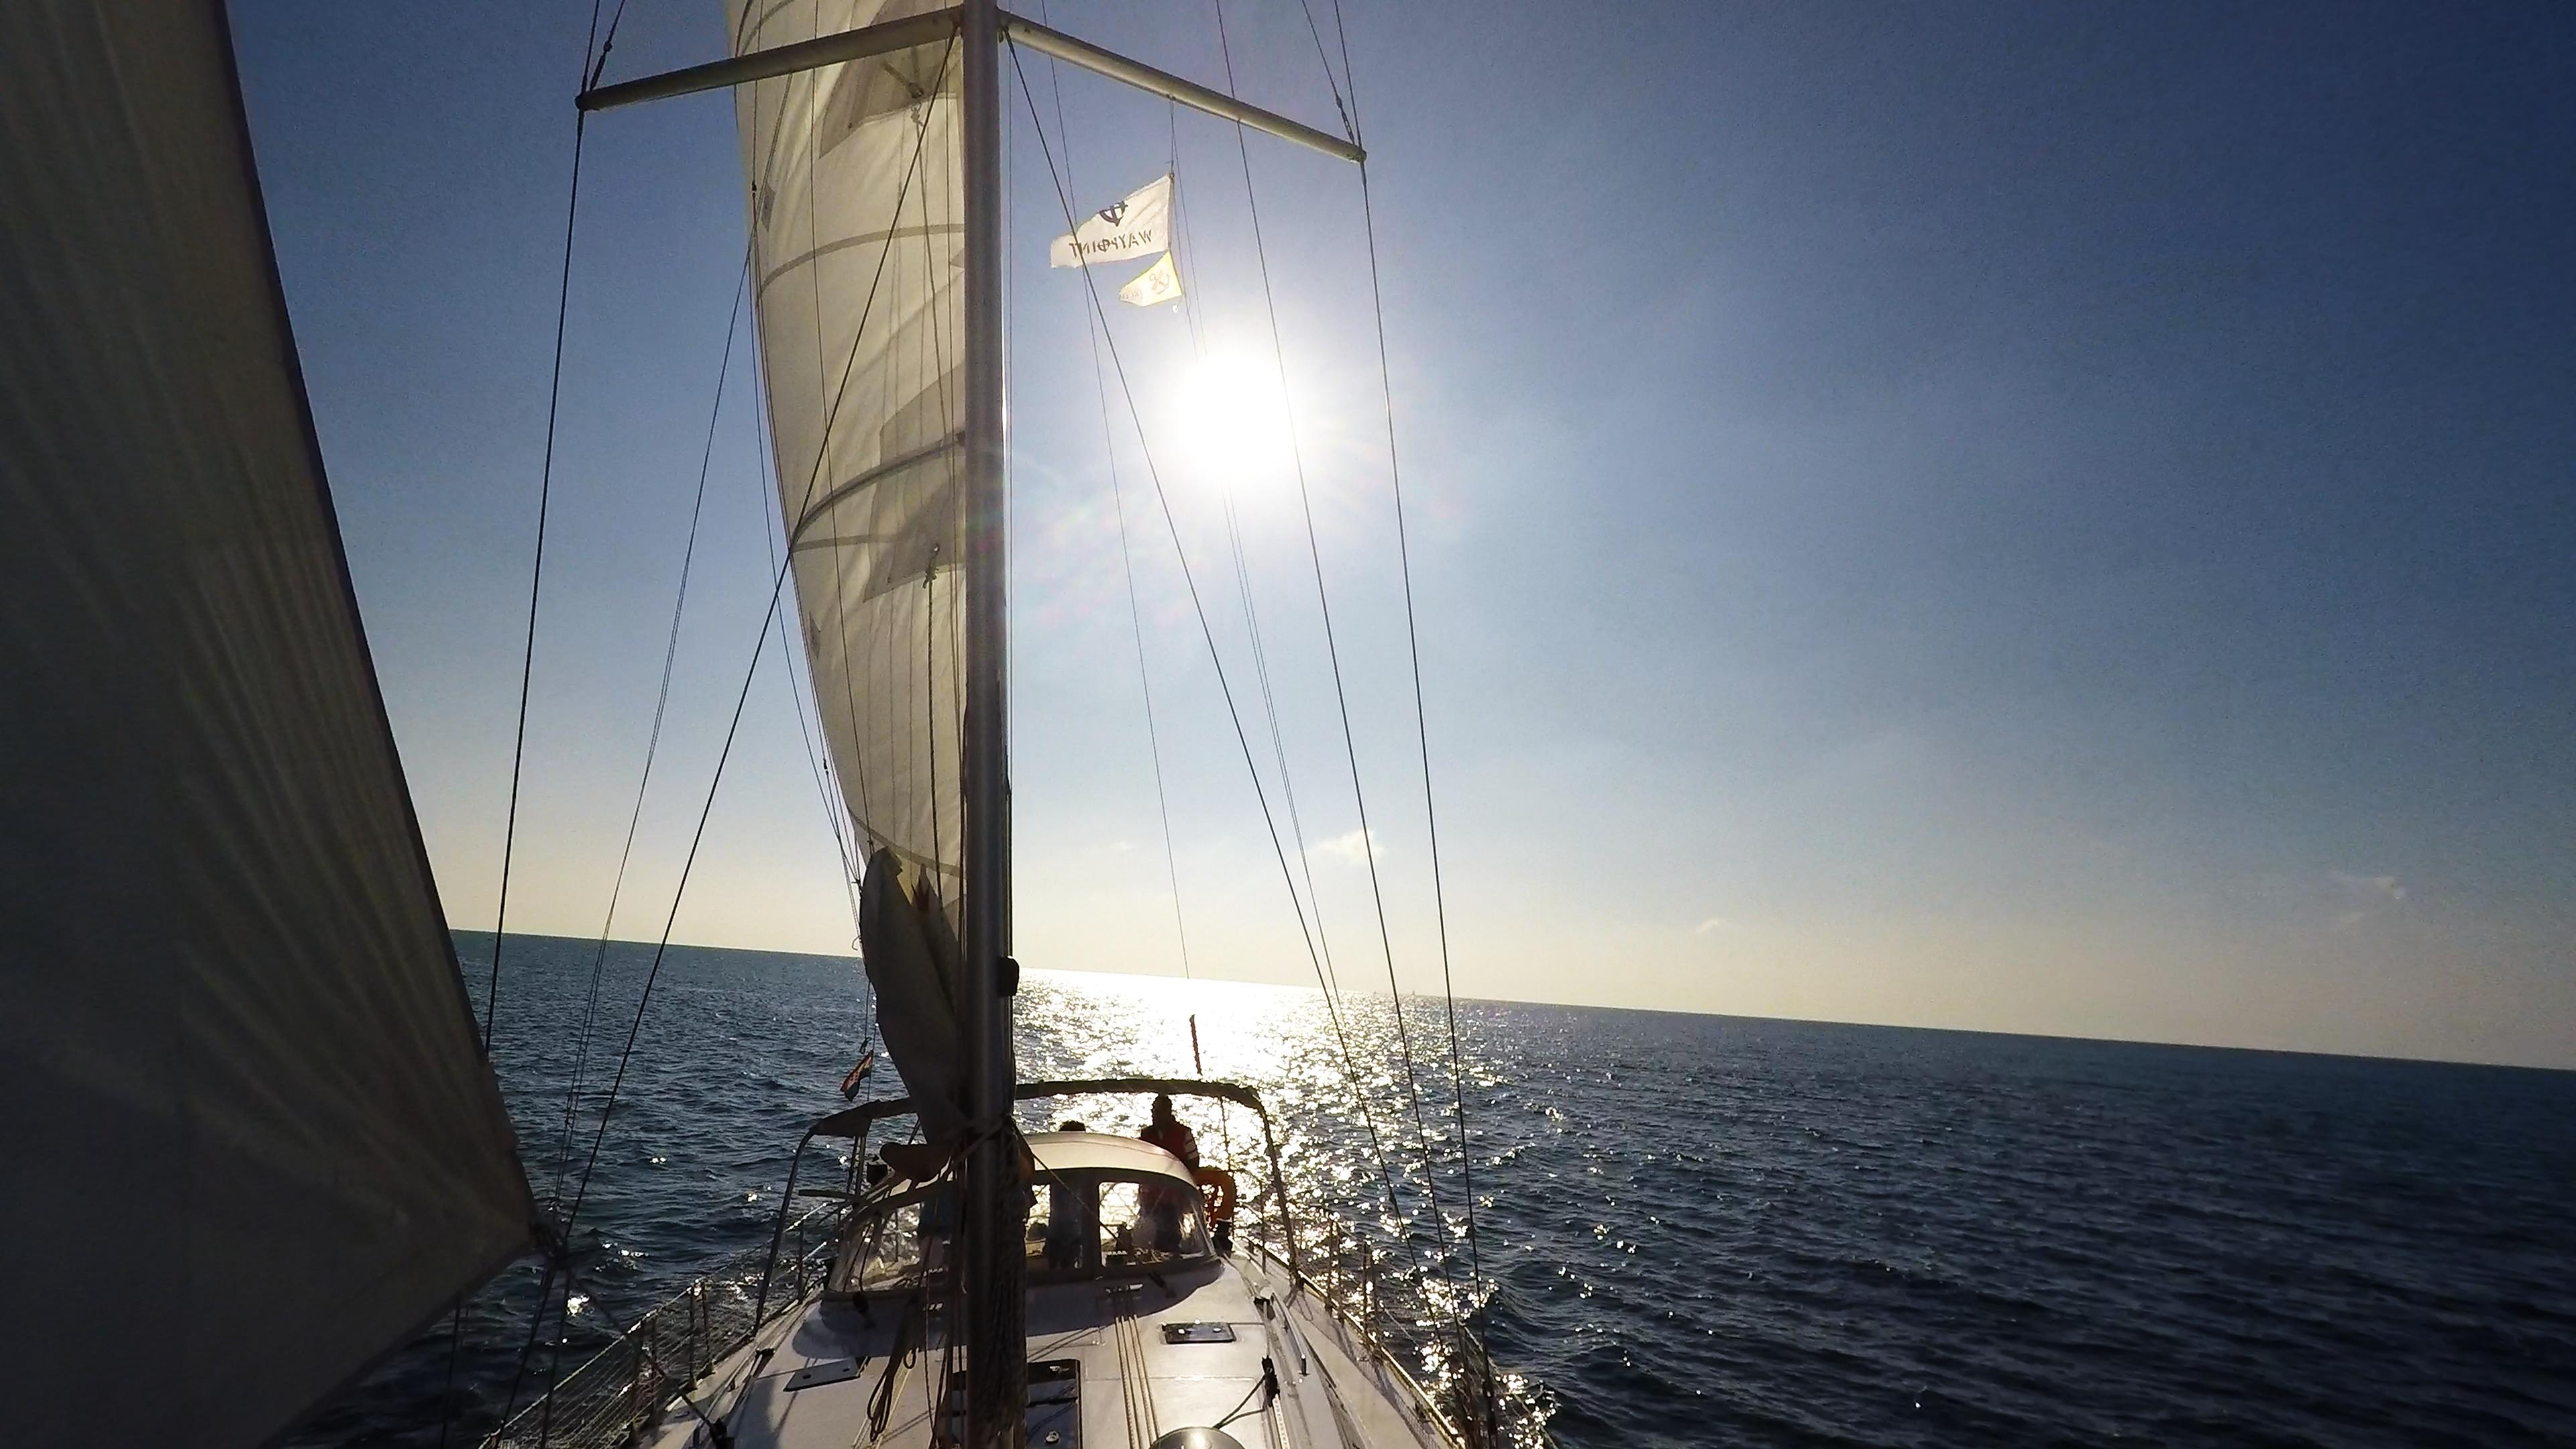 barcha a vela yacht a vela bavaria 46 vele barca a vela sole mare